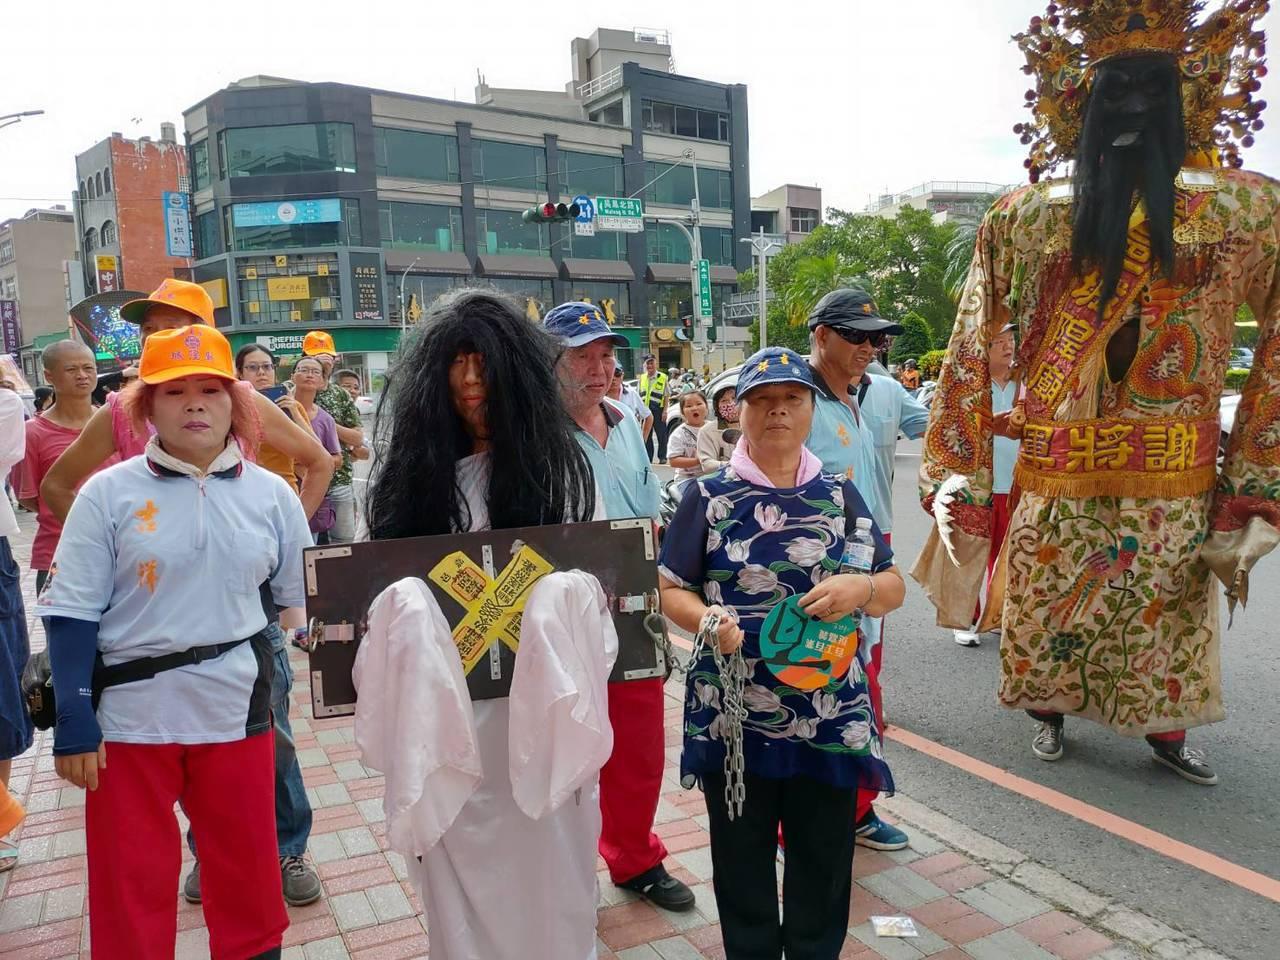 40多歲有視力障礙的帥姓女子,從台北來嘉義參加,從100多名「女鬼候選人」中擲筊...